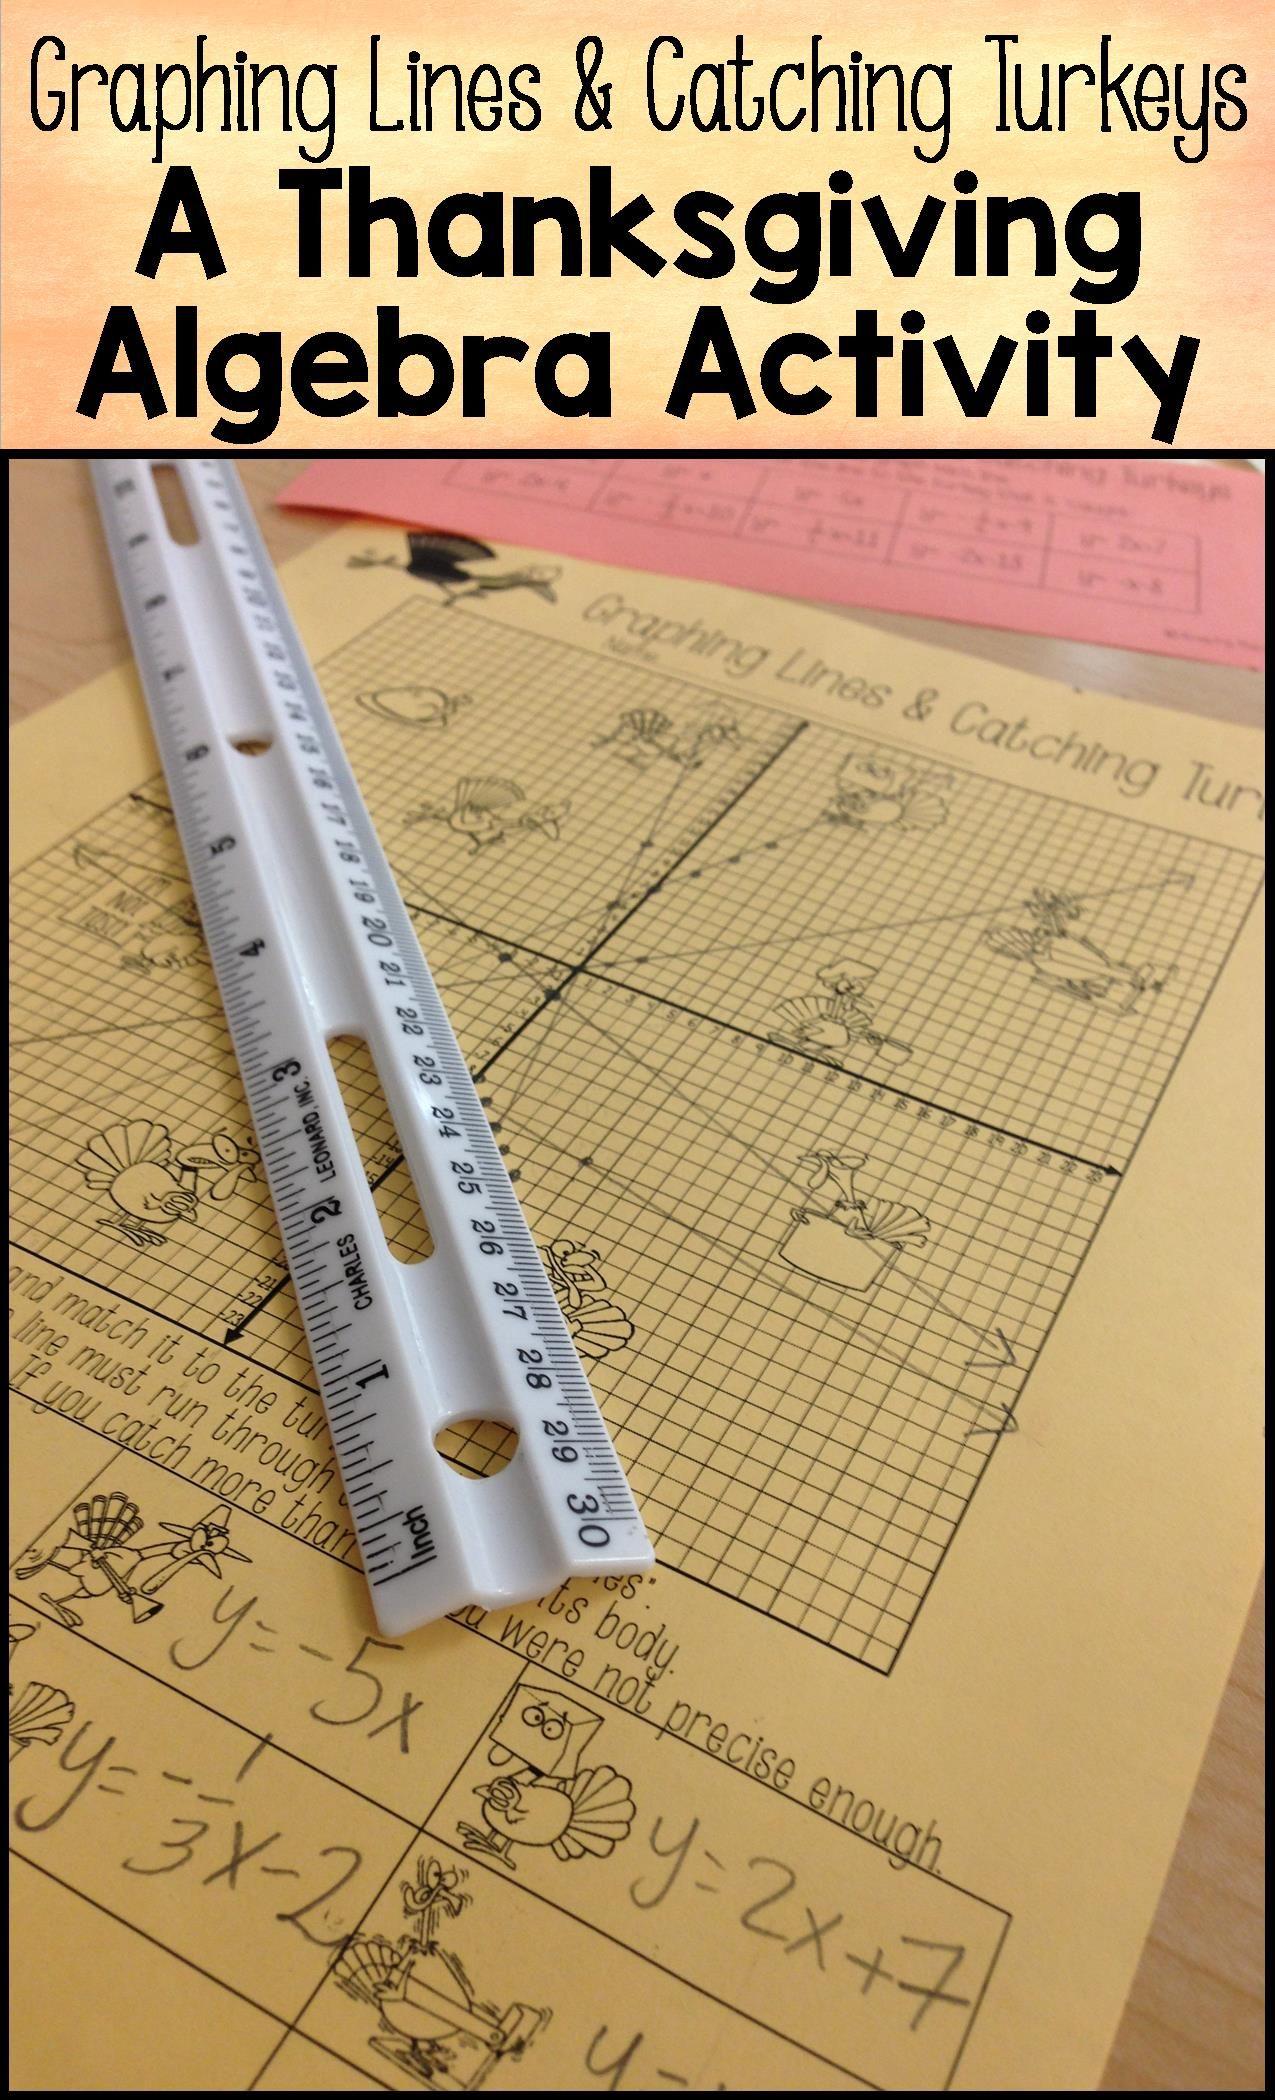 worksheet Slope Intercept Form Worksheets 8th Grade thanksgiving graphing lines activity slope intercept form form